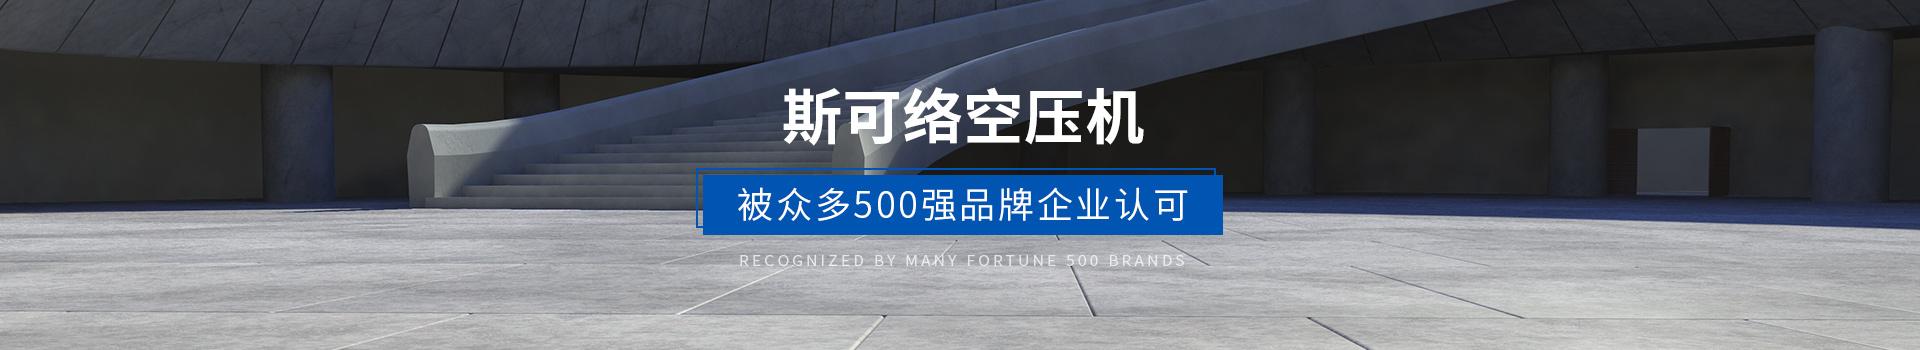 斯可络空压机 被众多500强企业认可